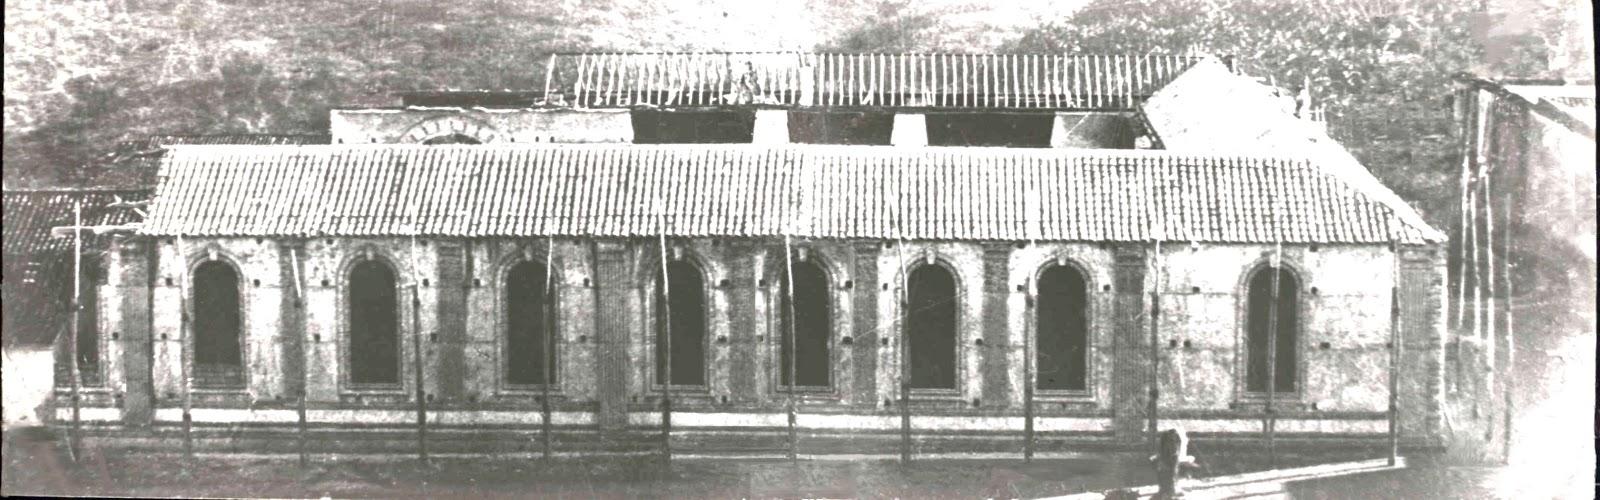 En 1851 necesitaban médicos en Barquisimeto